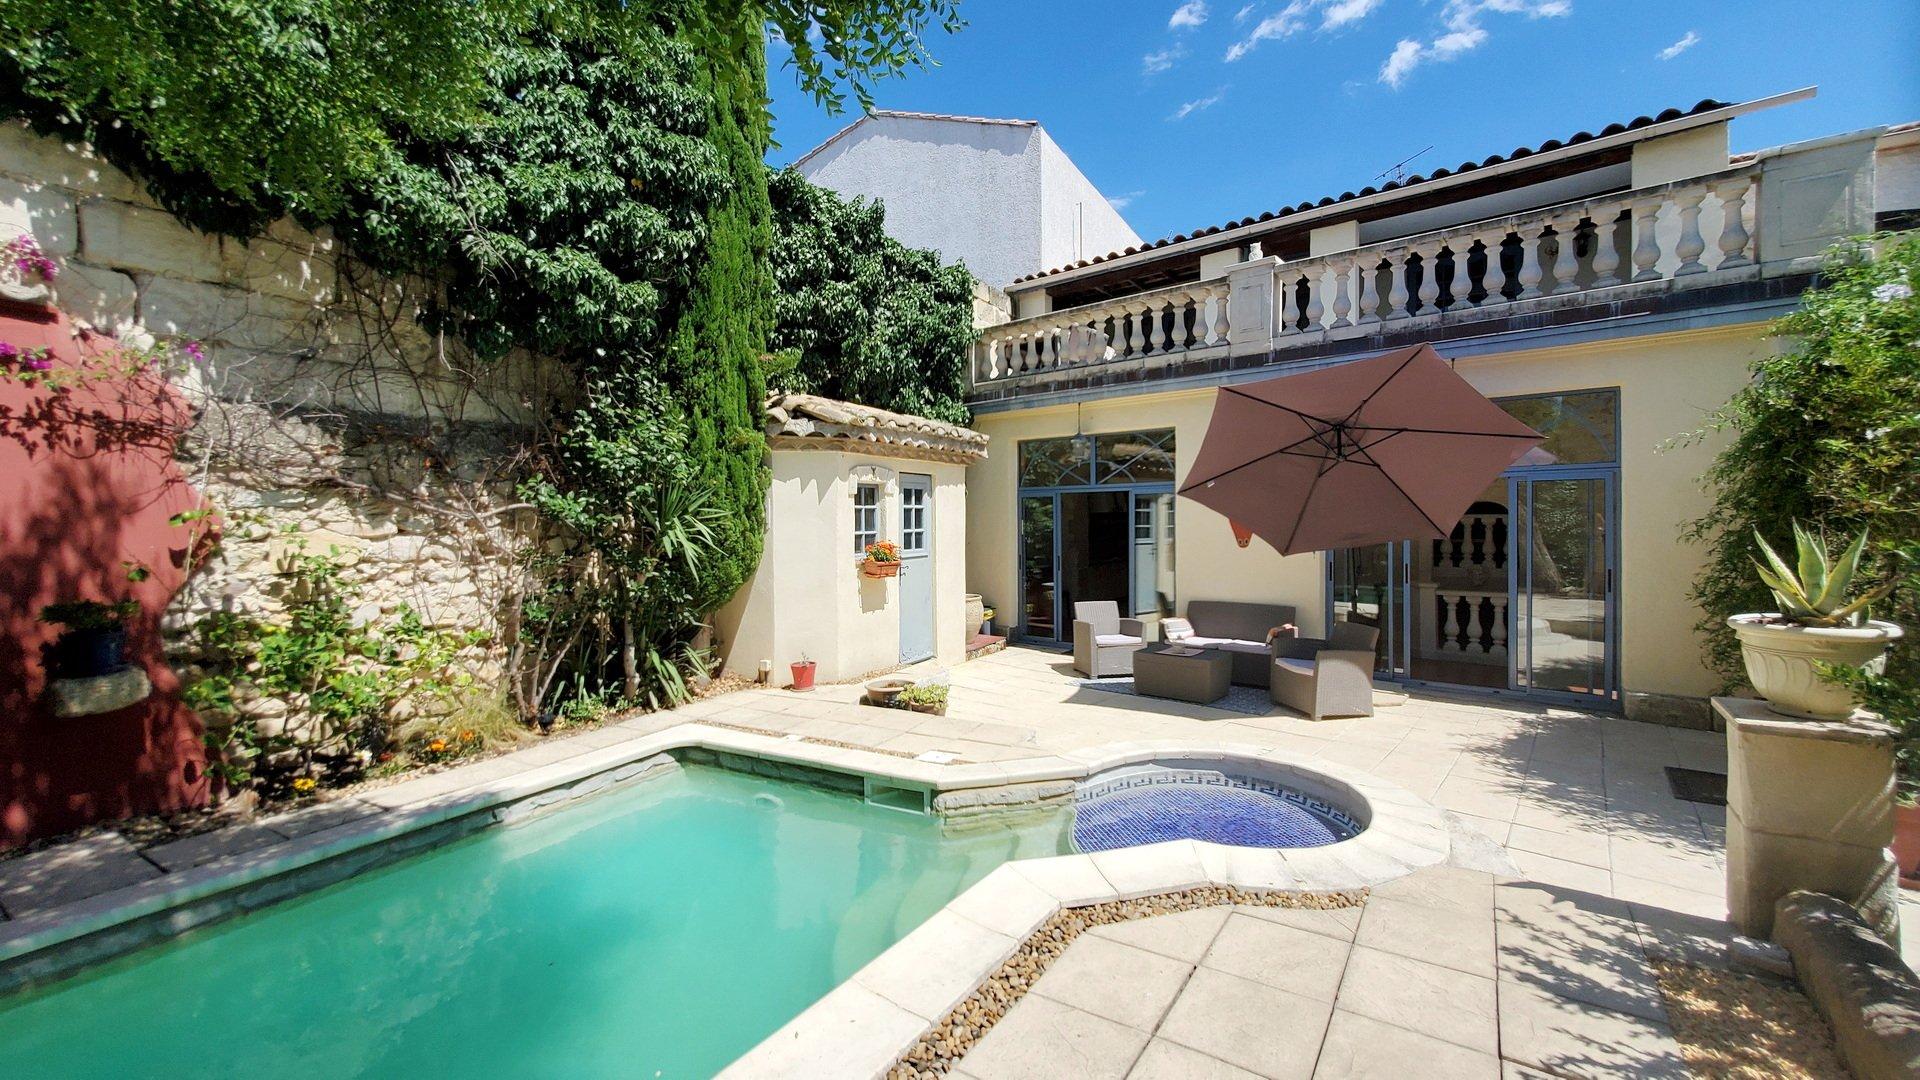 Belle maison avec jardinet, piscine et grande remise